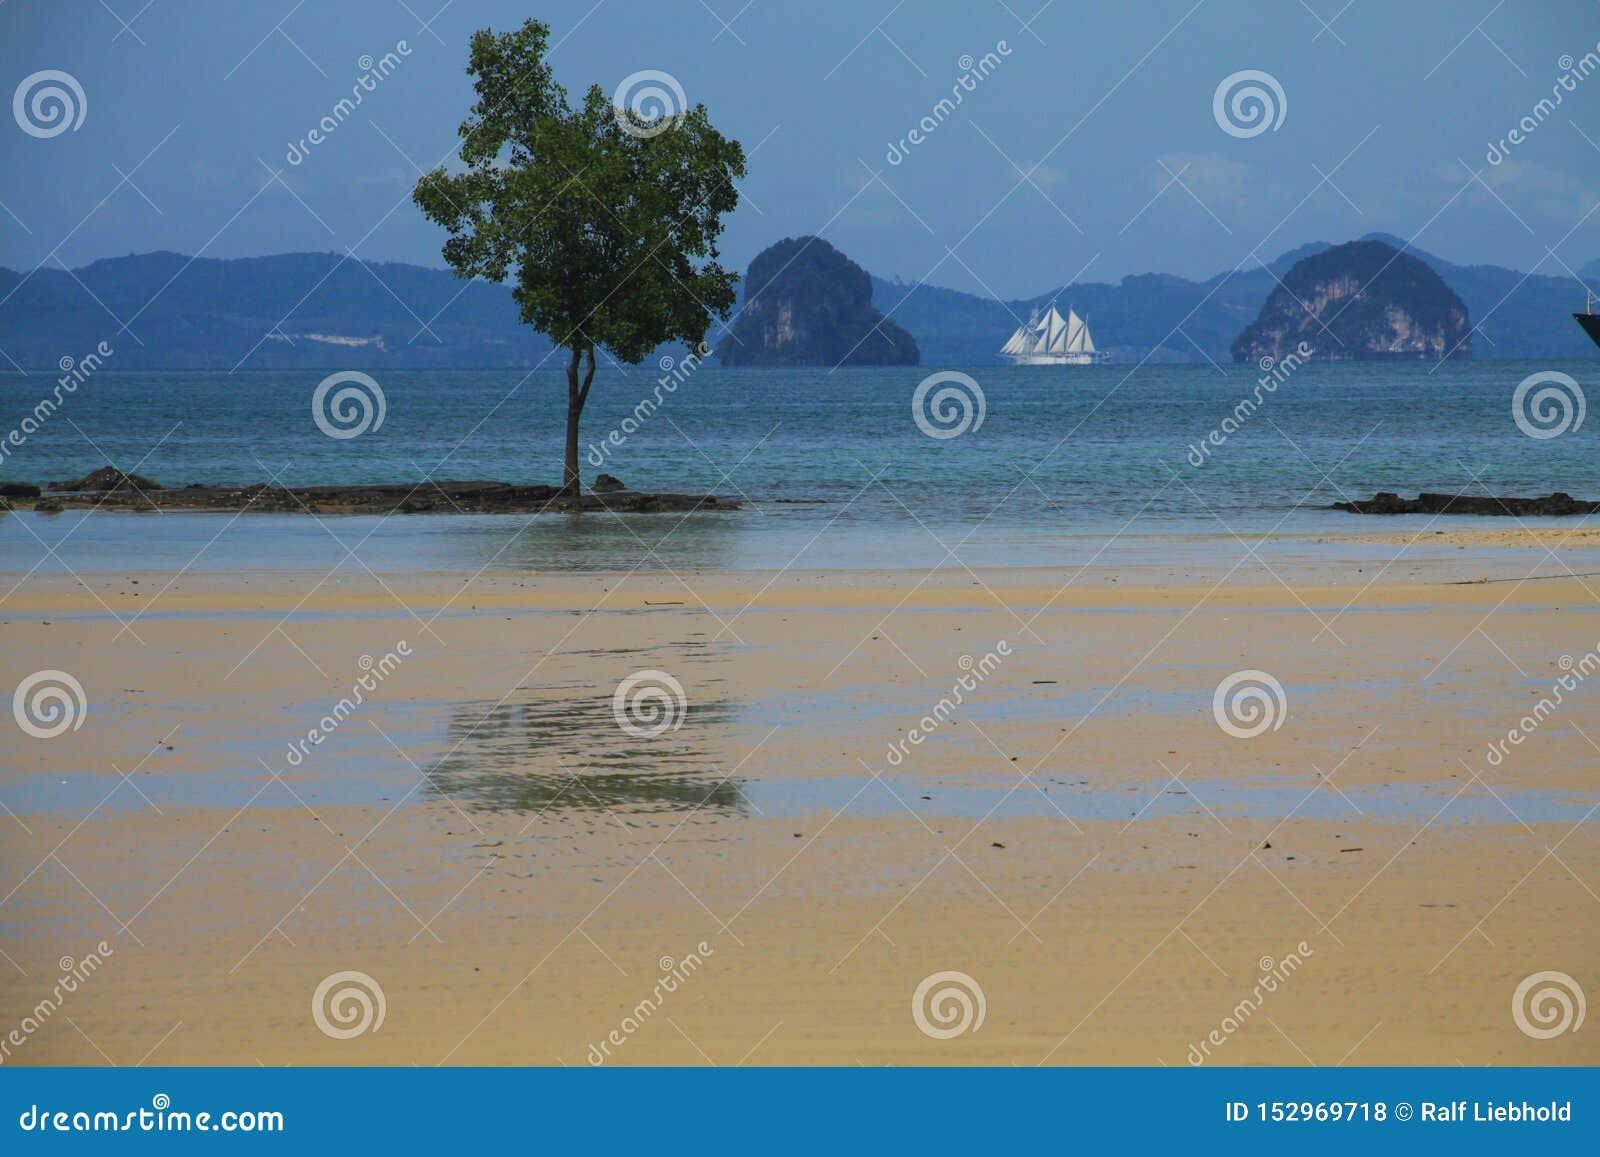 Maré baixa no litoral de Thailands com formação de rocha, árvore e navio de navigação no fundo, Ao Nang, Krabi